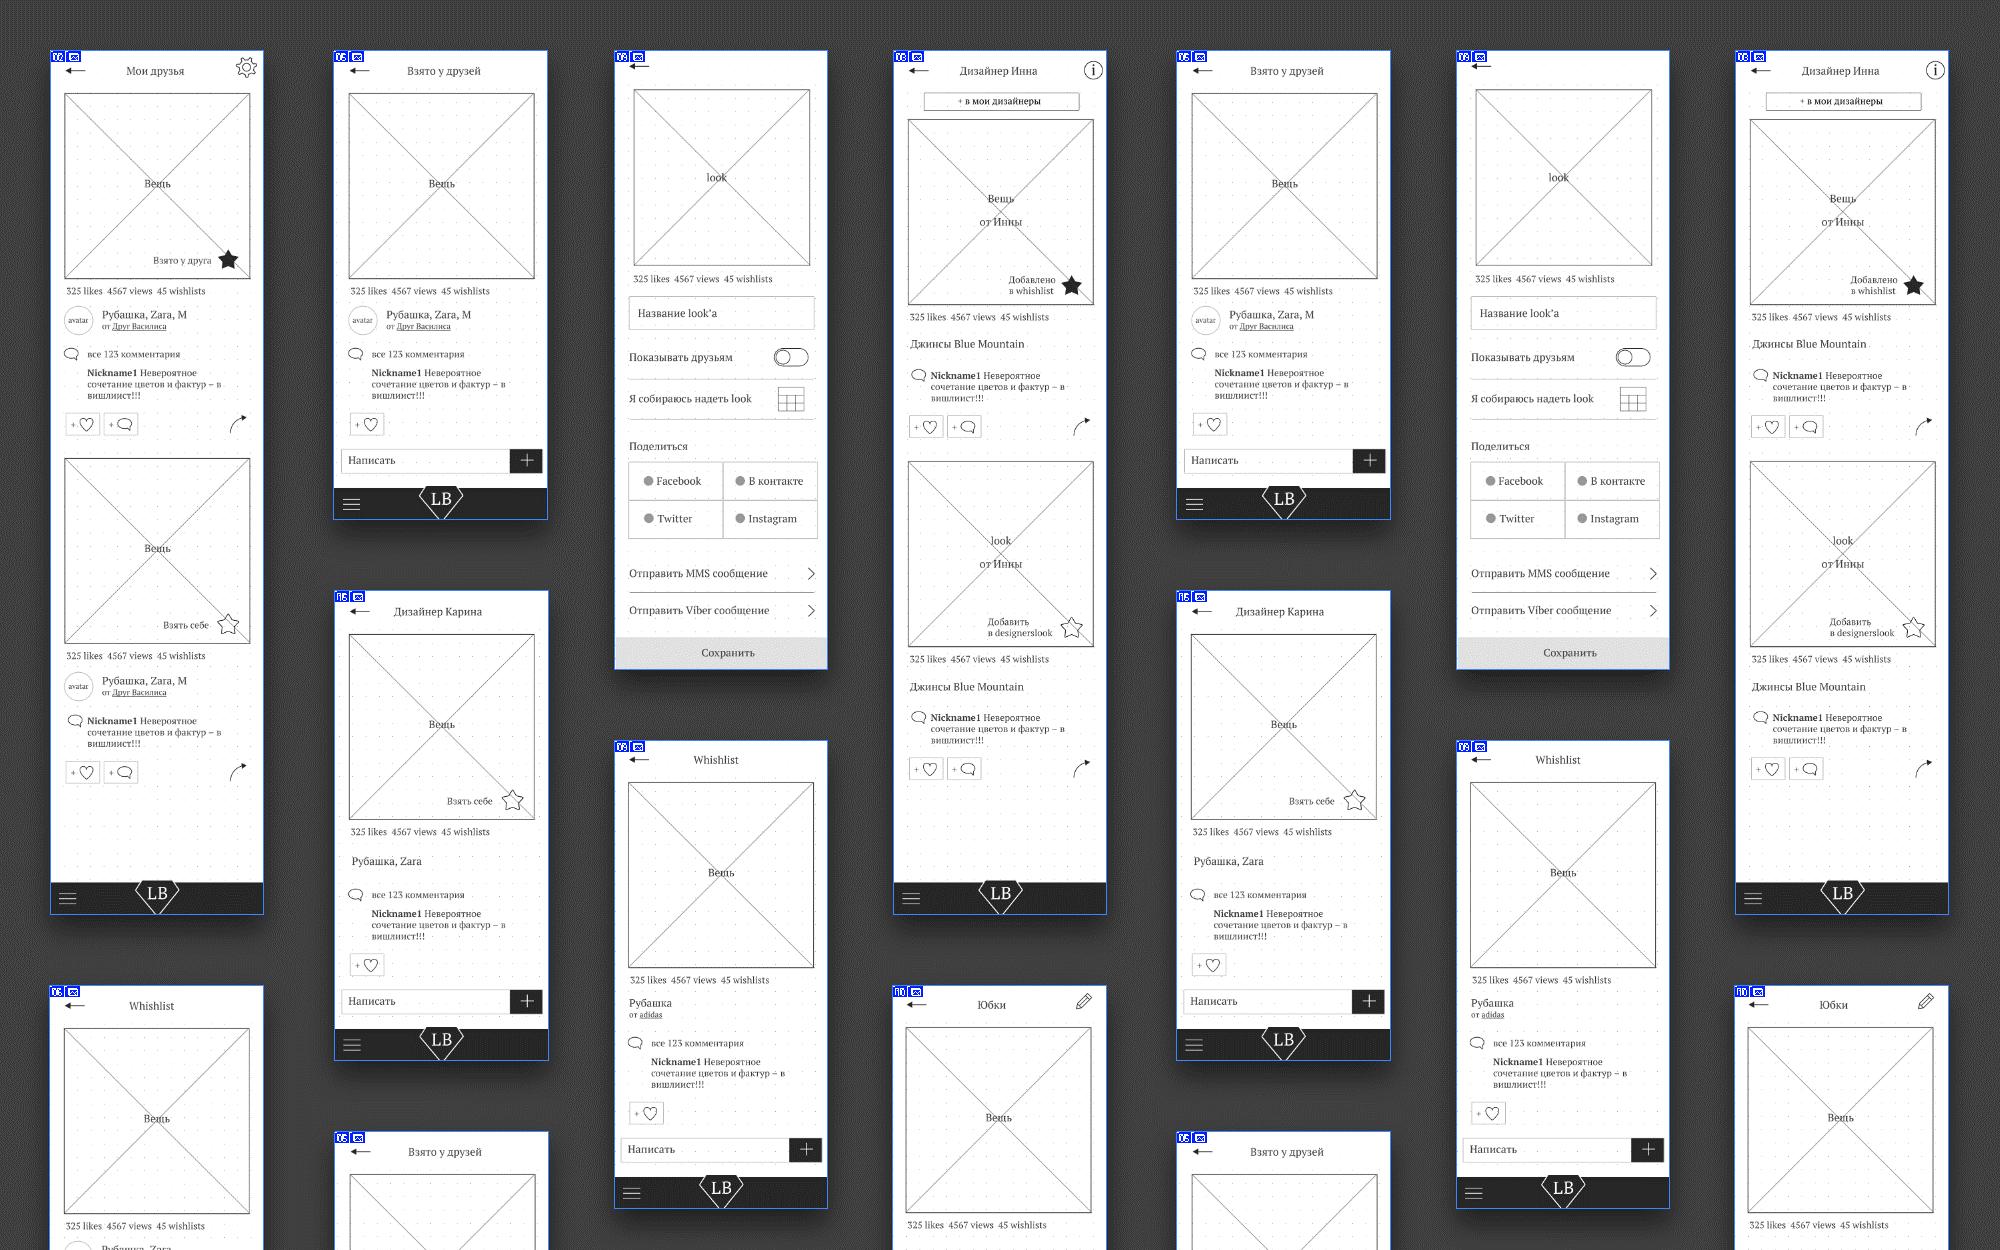 Как происходит проектирование приложений